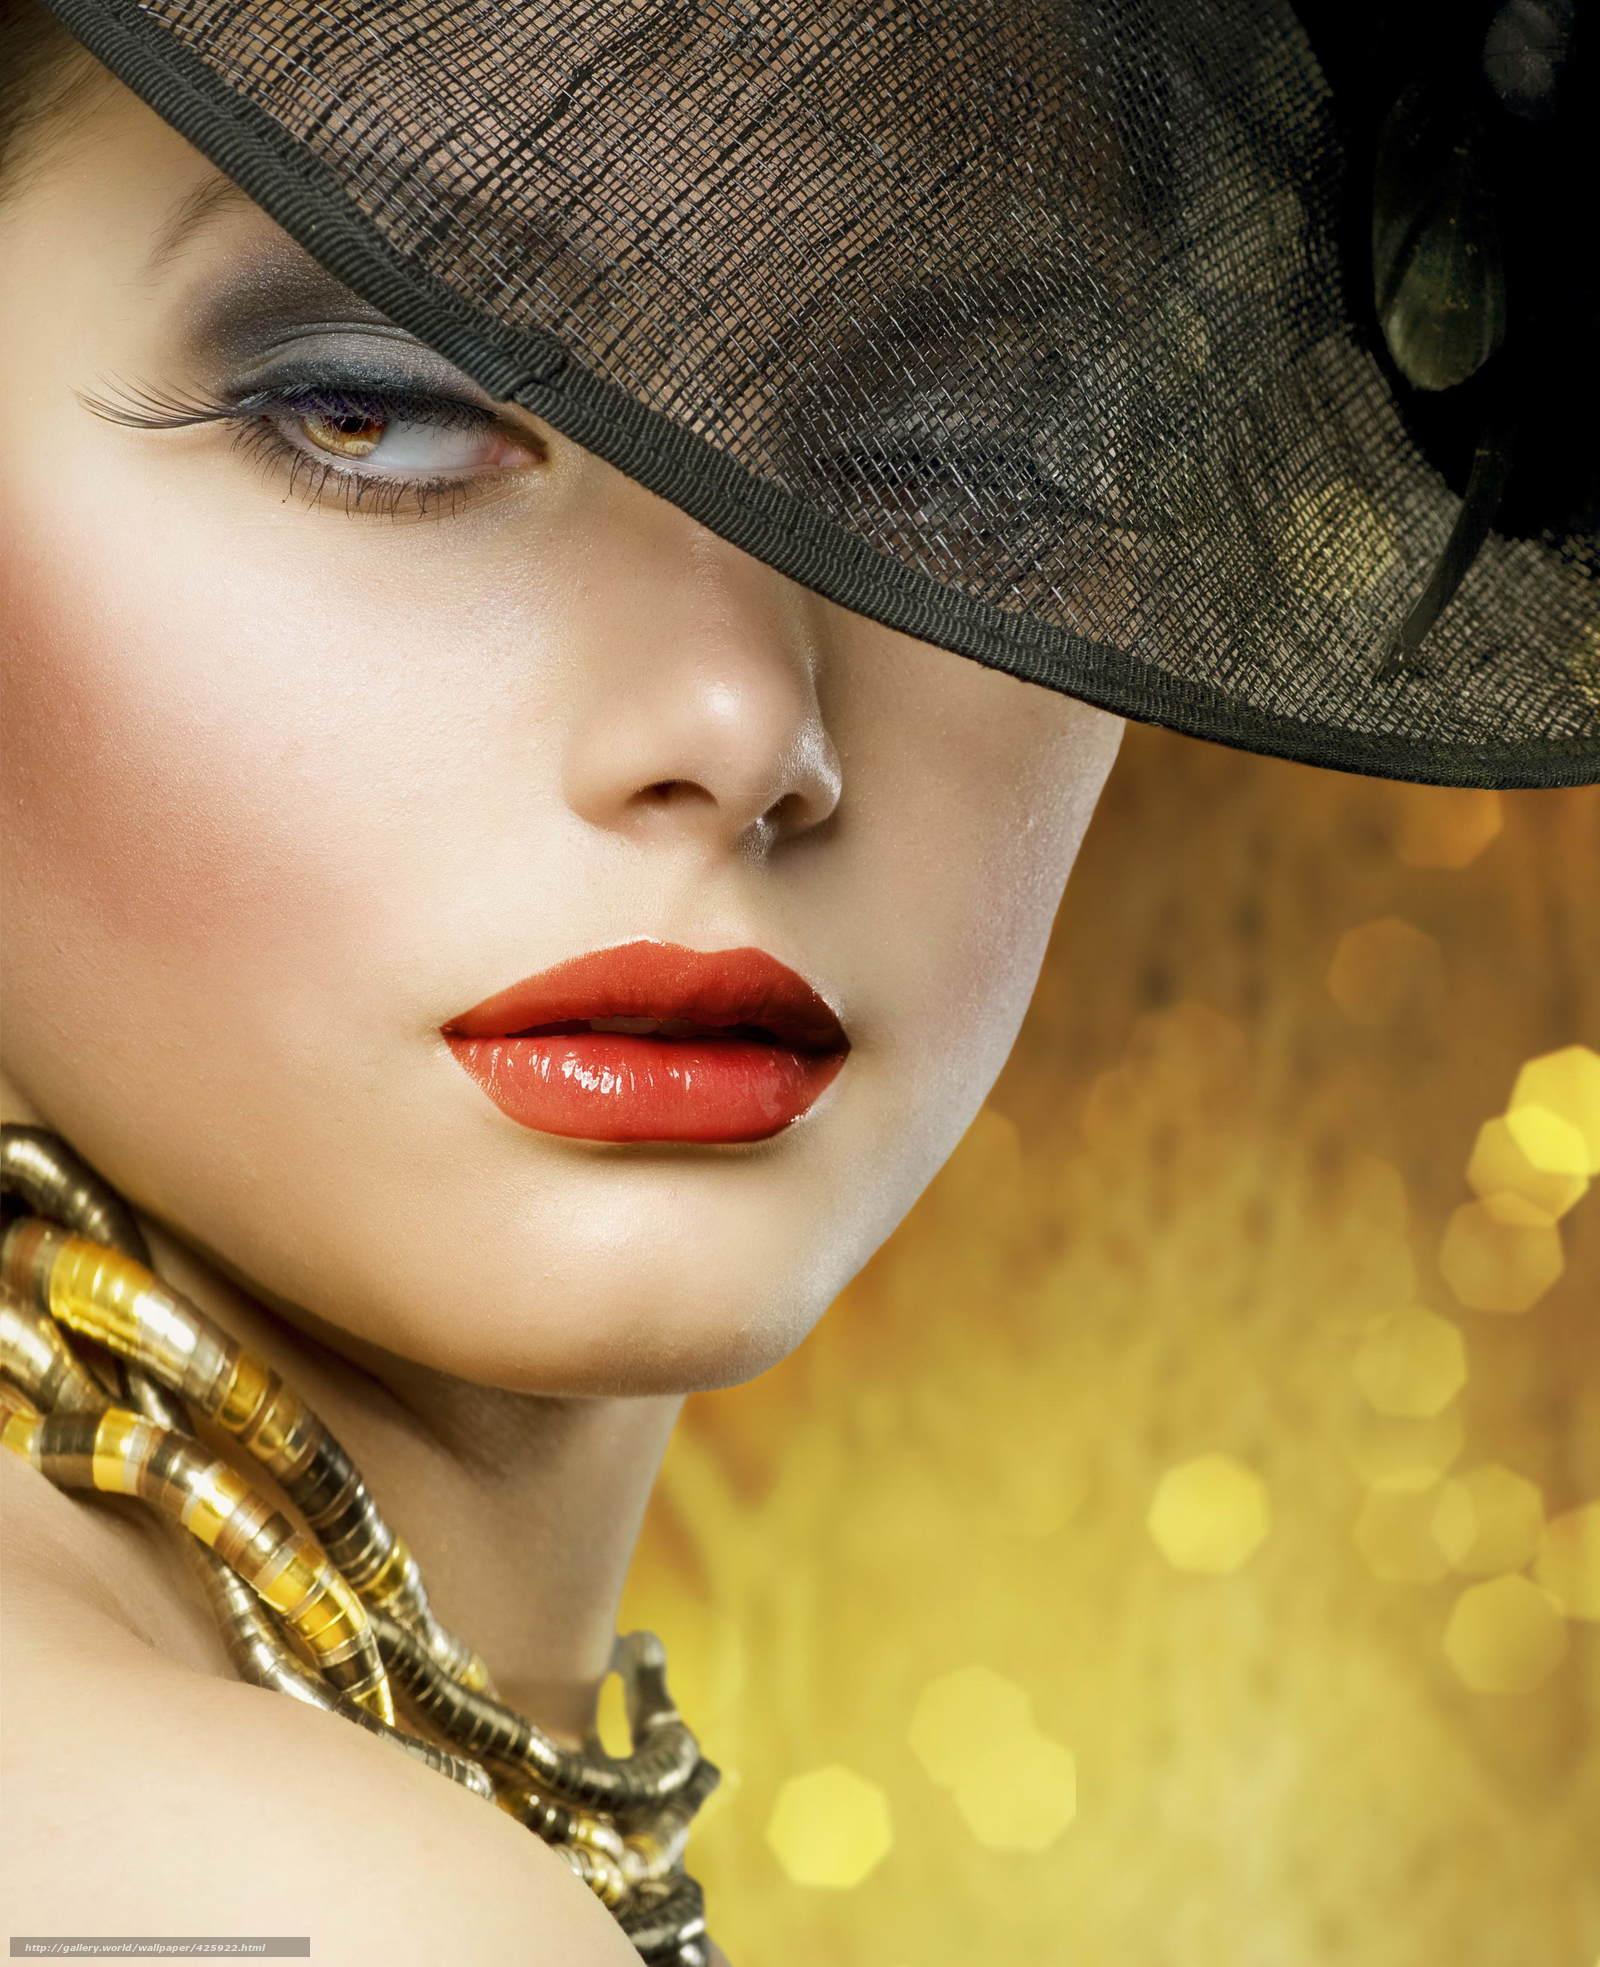 Download wallpaper woman, fashion, style, portrait free desktop